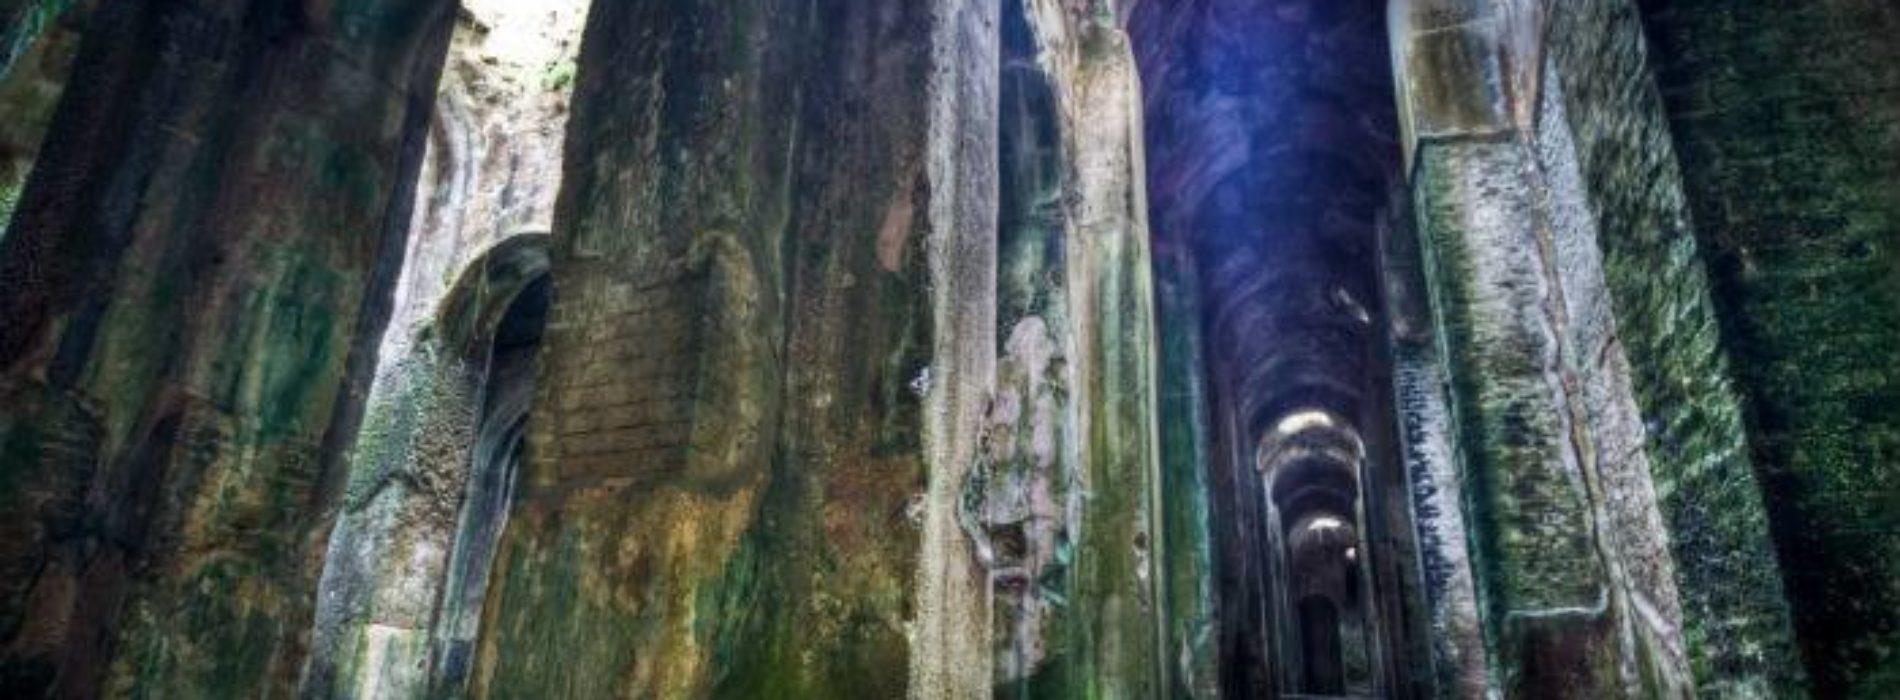 Piscina Mirabilis: il tempio dell'acqua